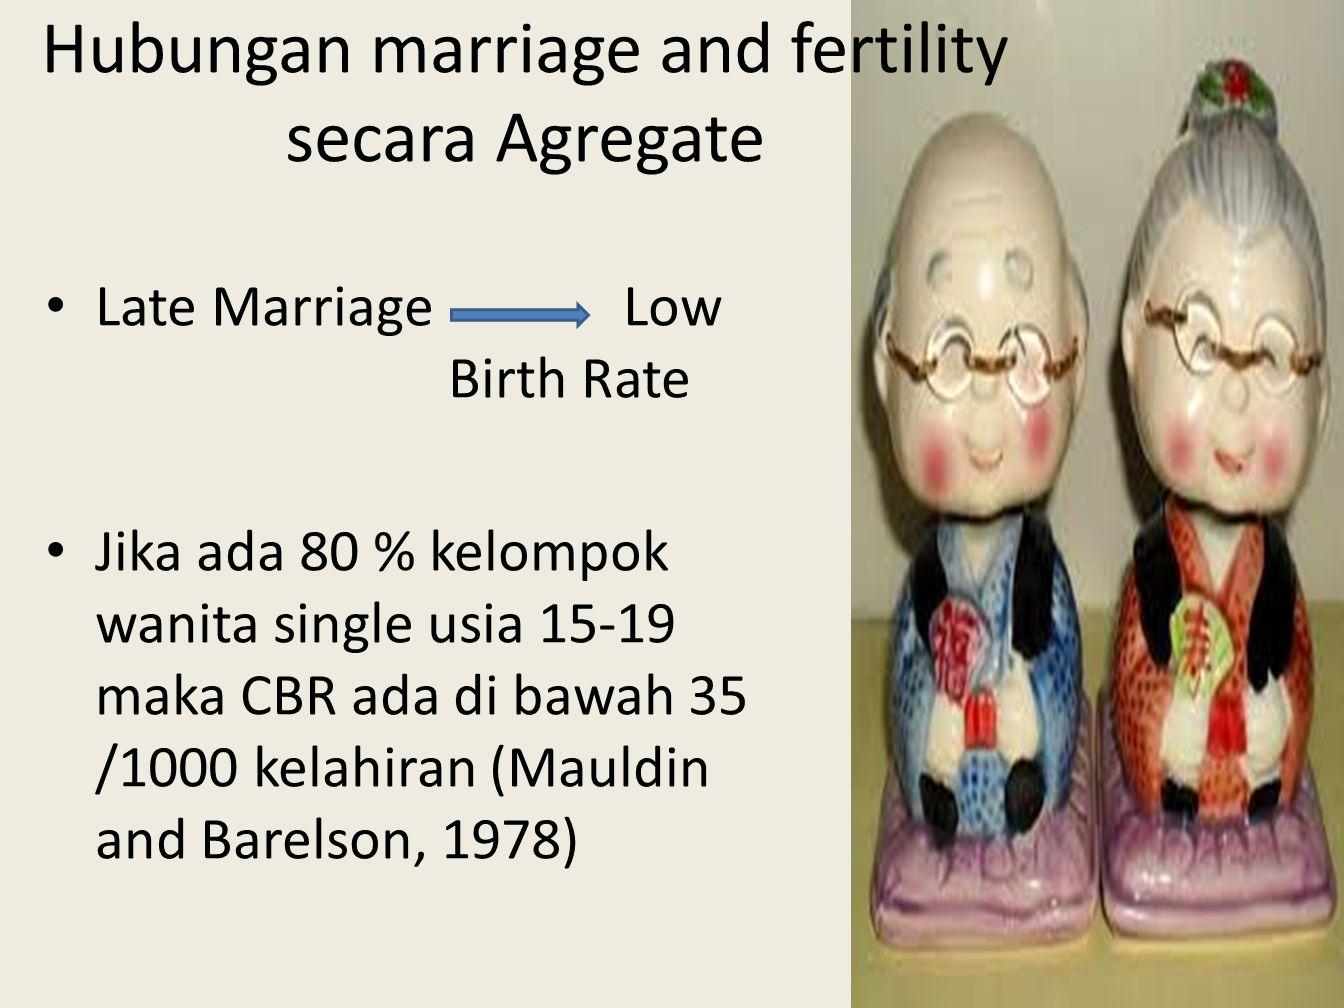 • Late Marriage Low Birth Rate • Jika ada 80 % kelompok wanita single usia 15-19 maka CBR ada di bawah 35 /1000 kelahiran (Mauldin and Barelson, 1978)